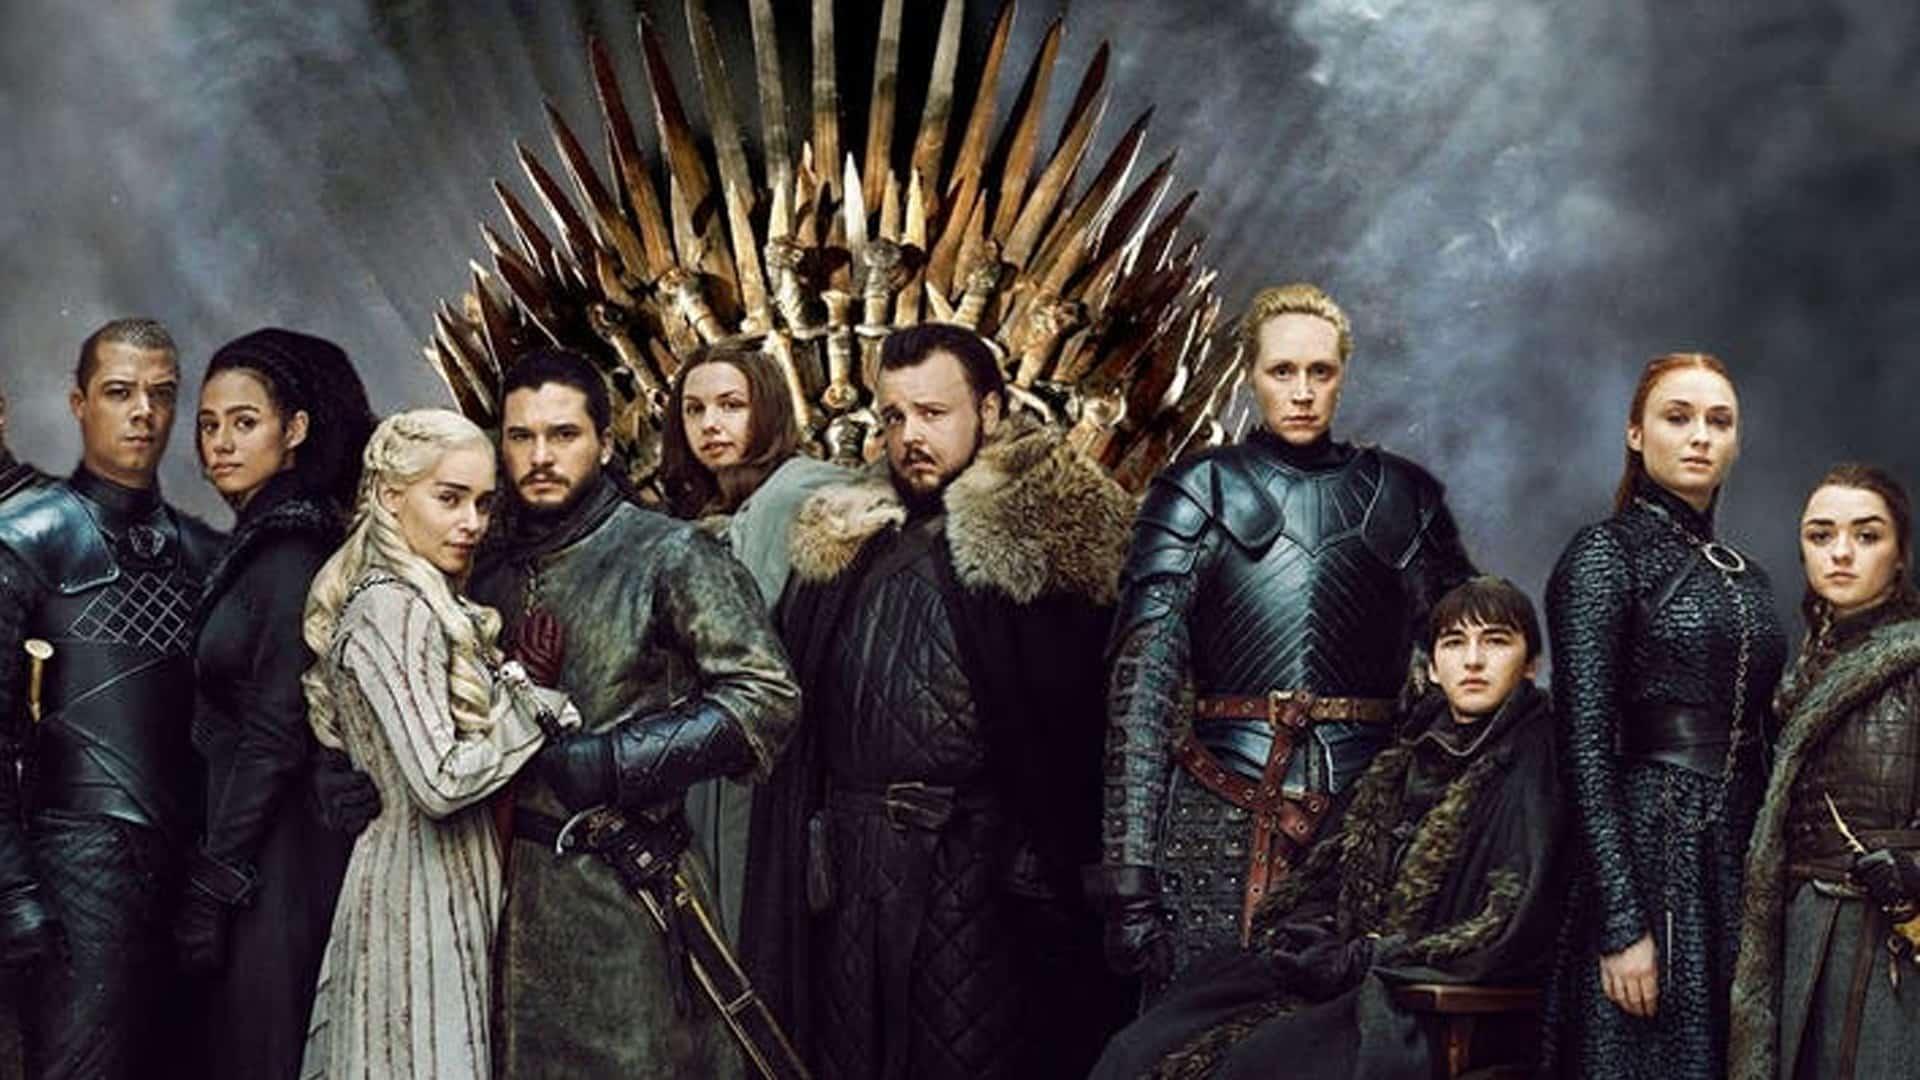 Il Trono di Spade HBO festeggia i 10 anni